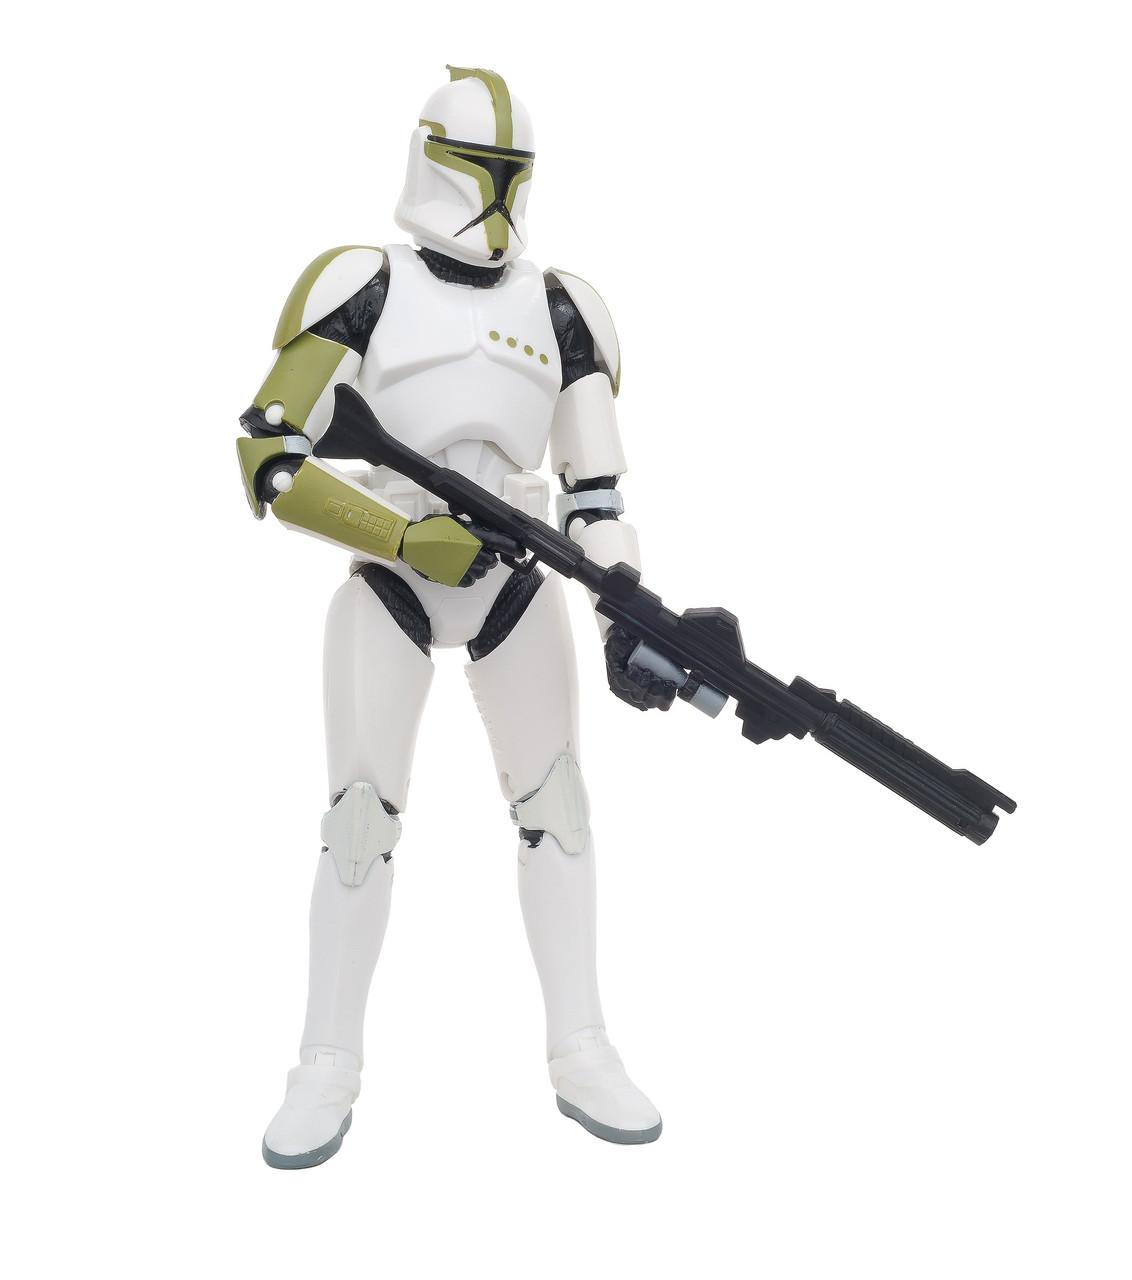 Фигурка Звездные войны, клон Пехотинец Сержант - Sergeant Trooper, Star Wars, #07, Hasbro